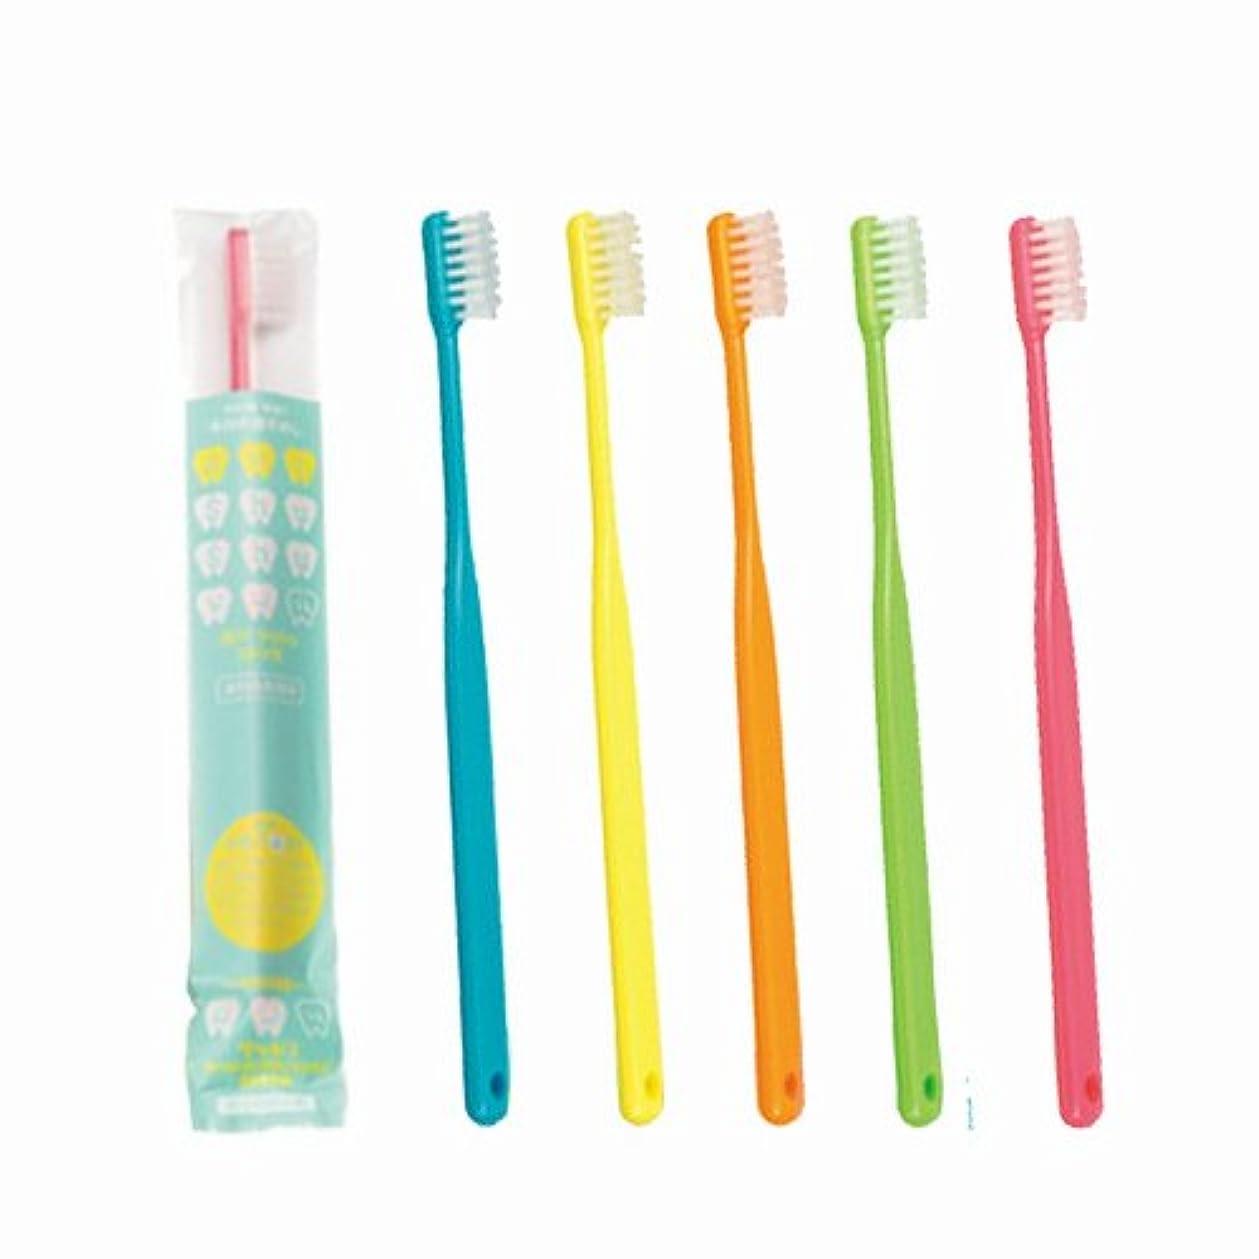 バスルームパスマントFEED(フィード) 占い!Shu Shu(うらないシュシュ)歯ブラシ×1本 (ふつう(M), 色はおまかせ)